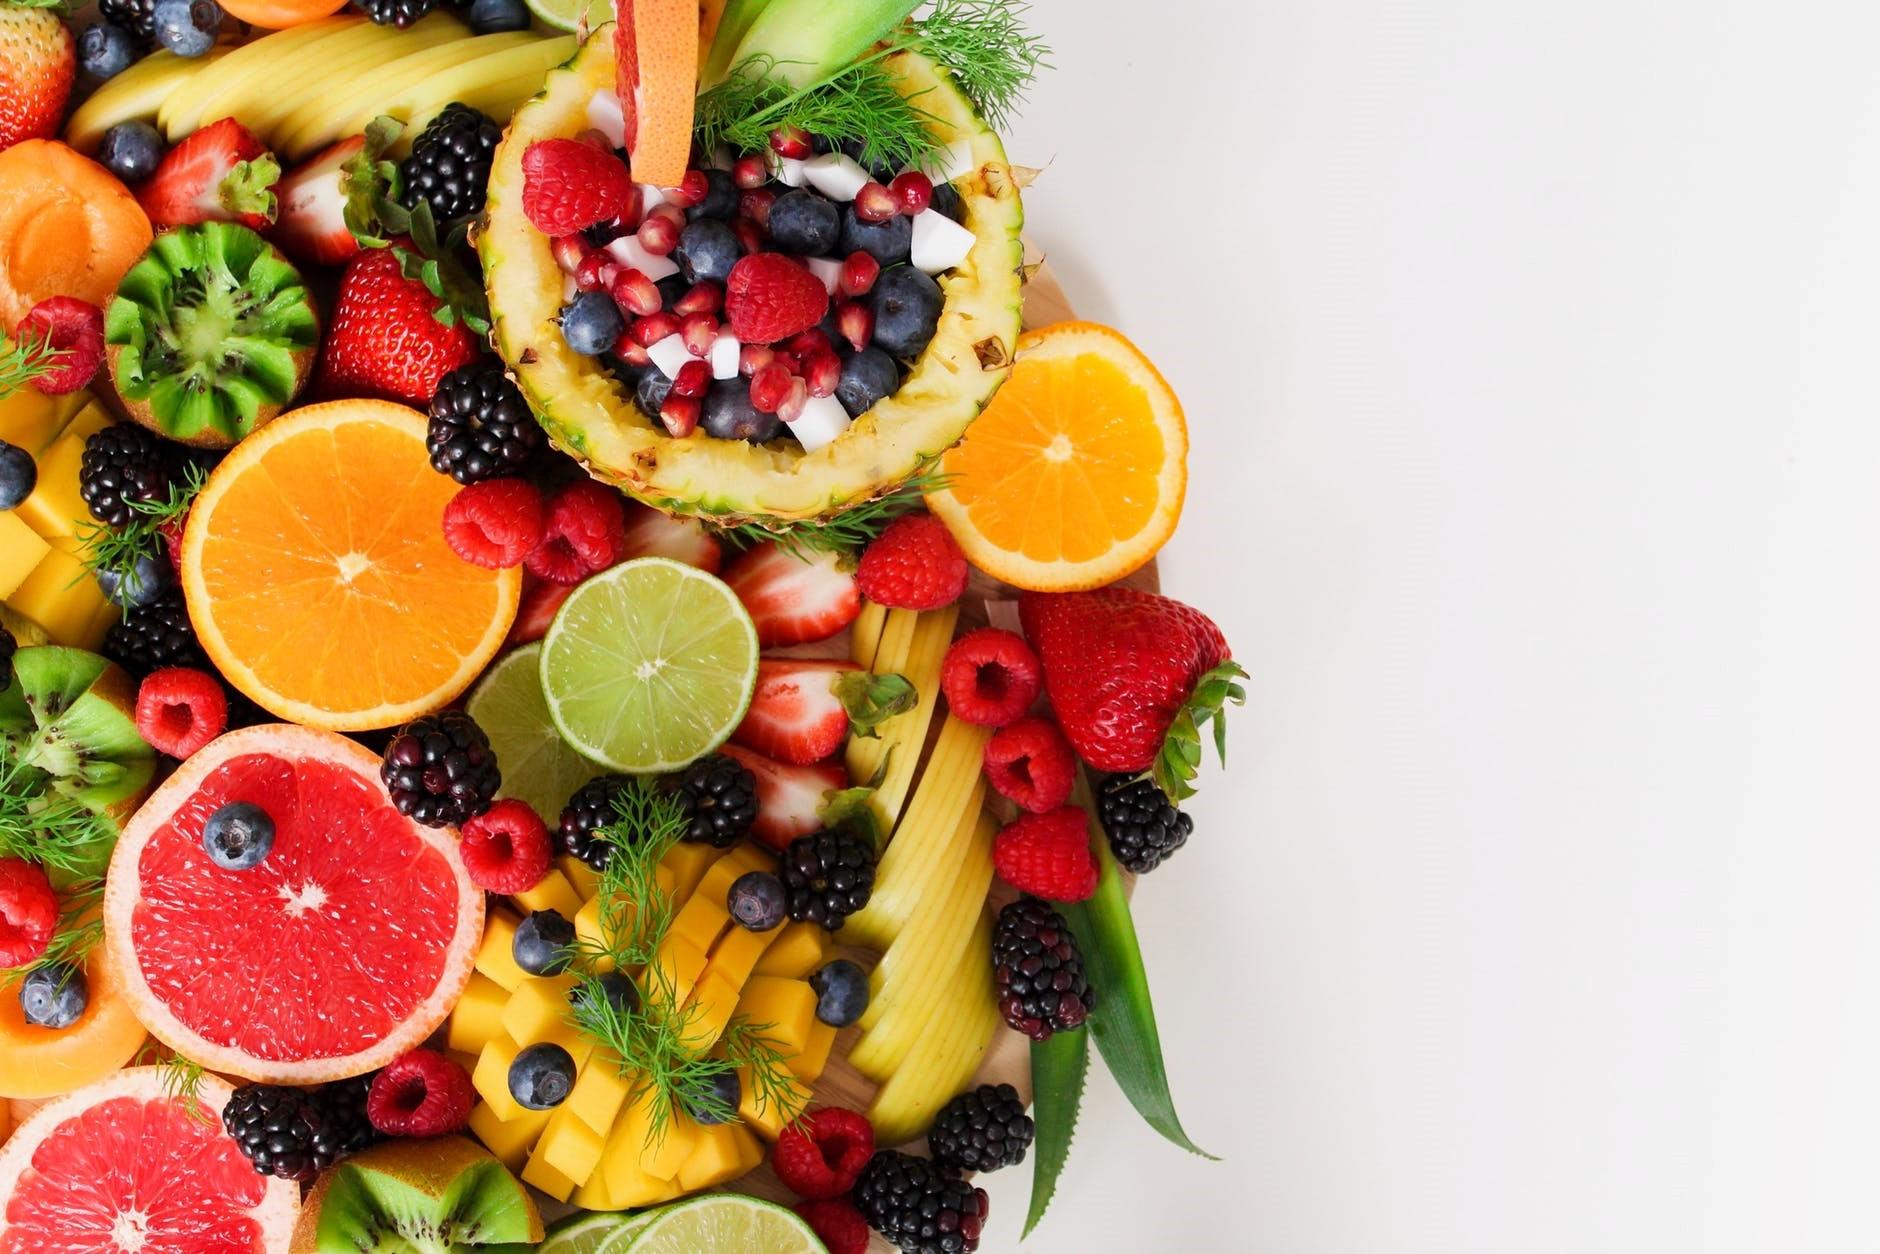 Les fruits sont une précieuse source de vitamines.